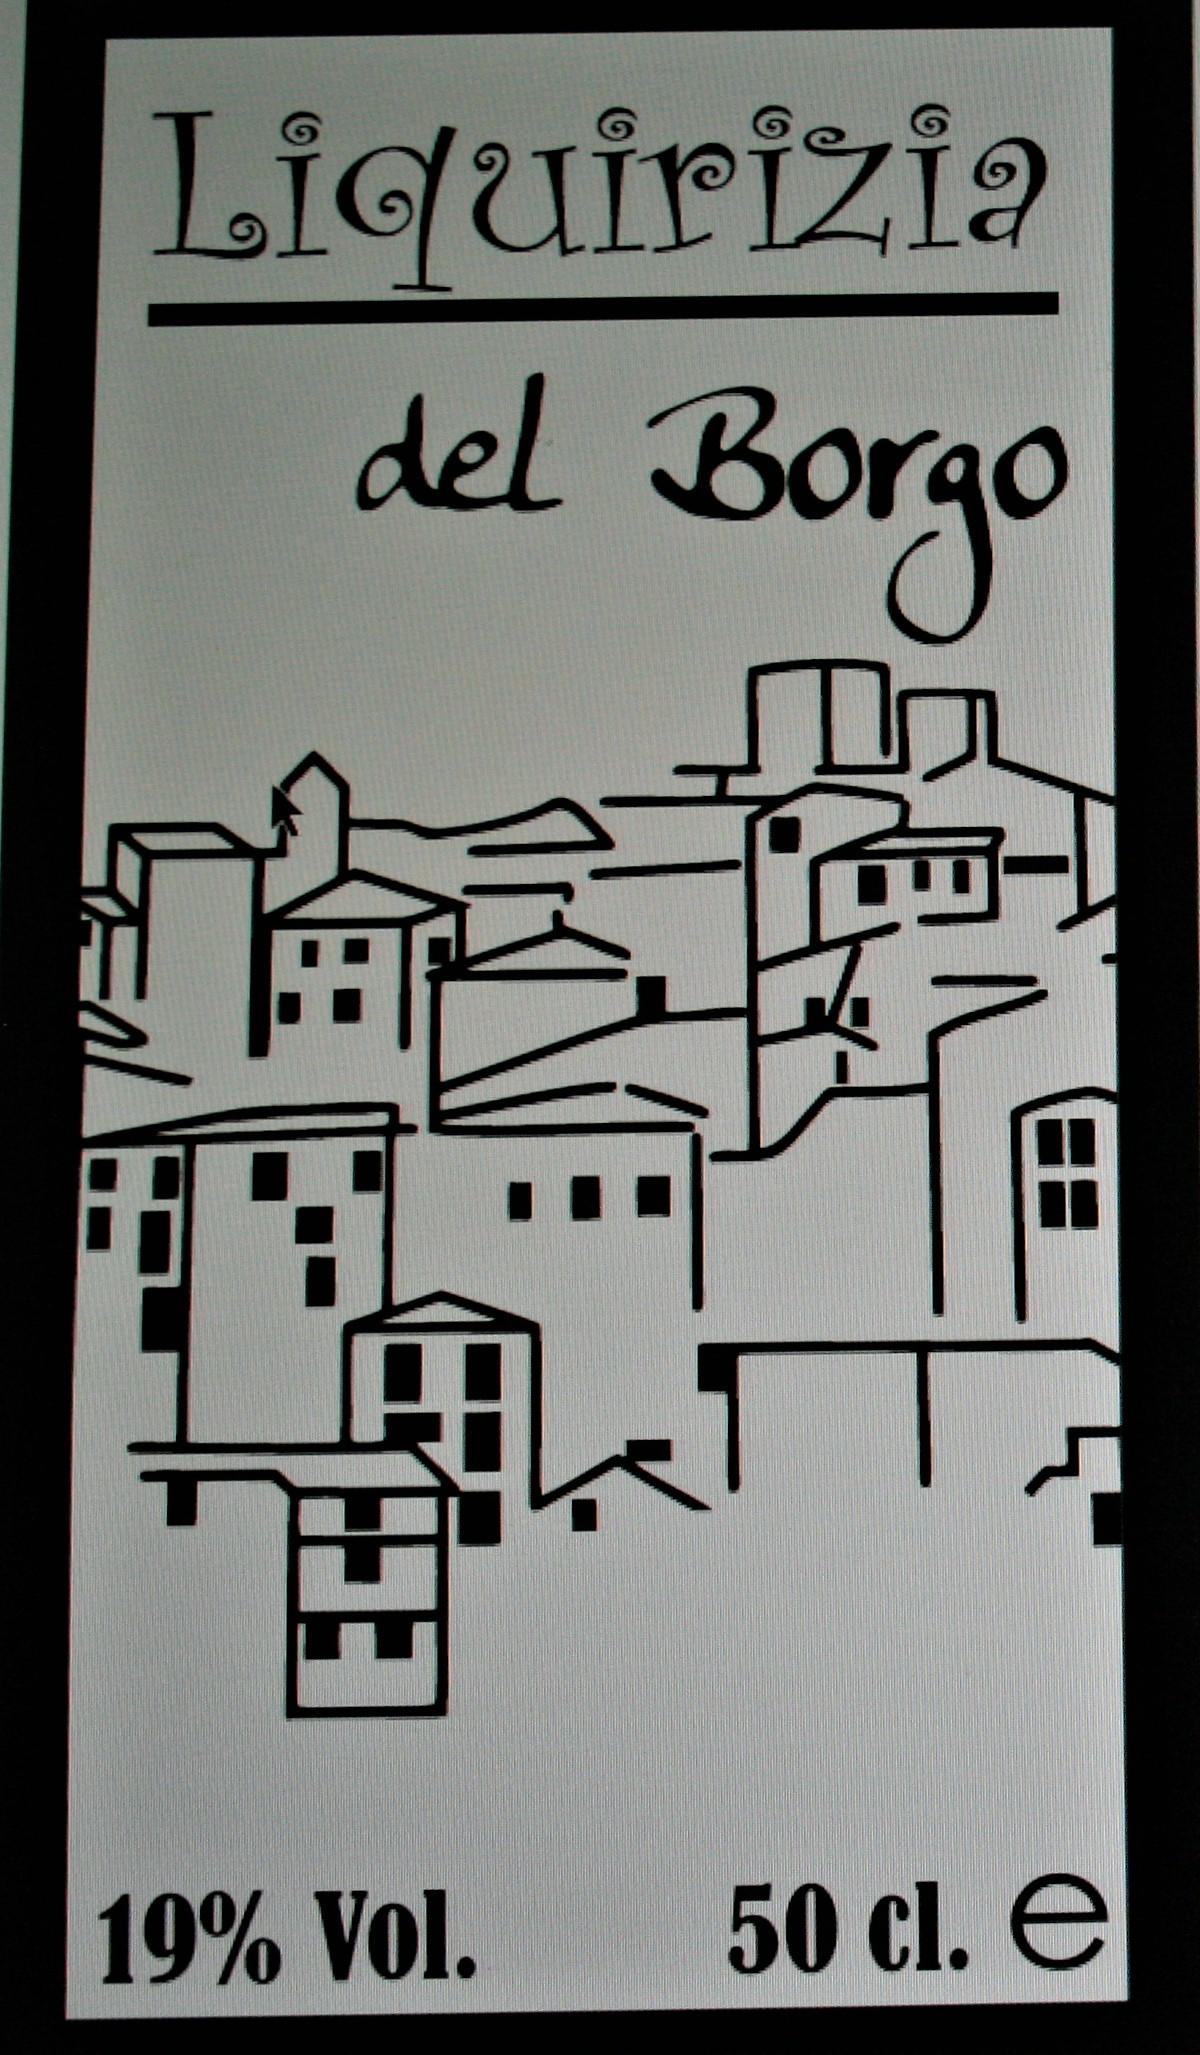 Liquirizia del Borgo